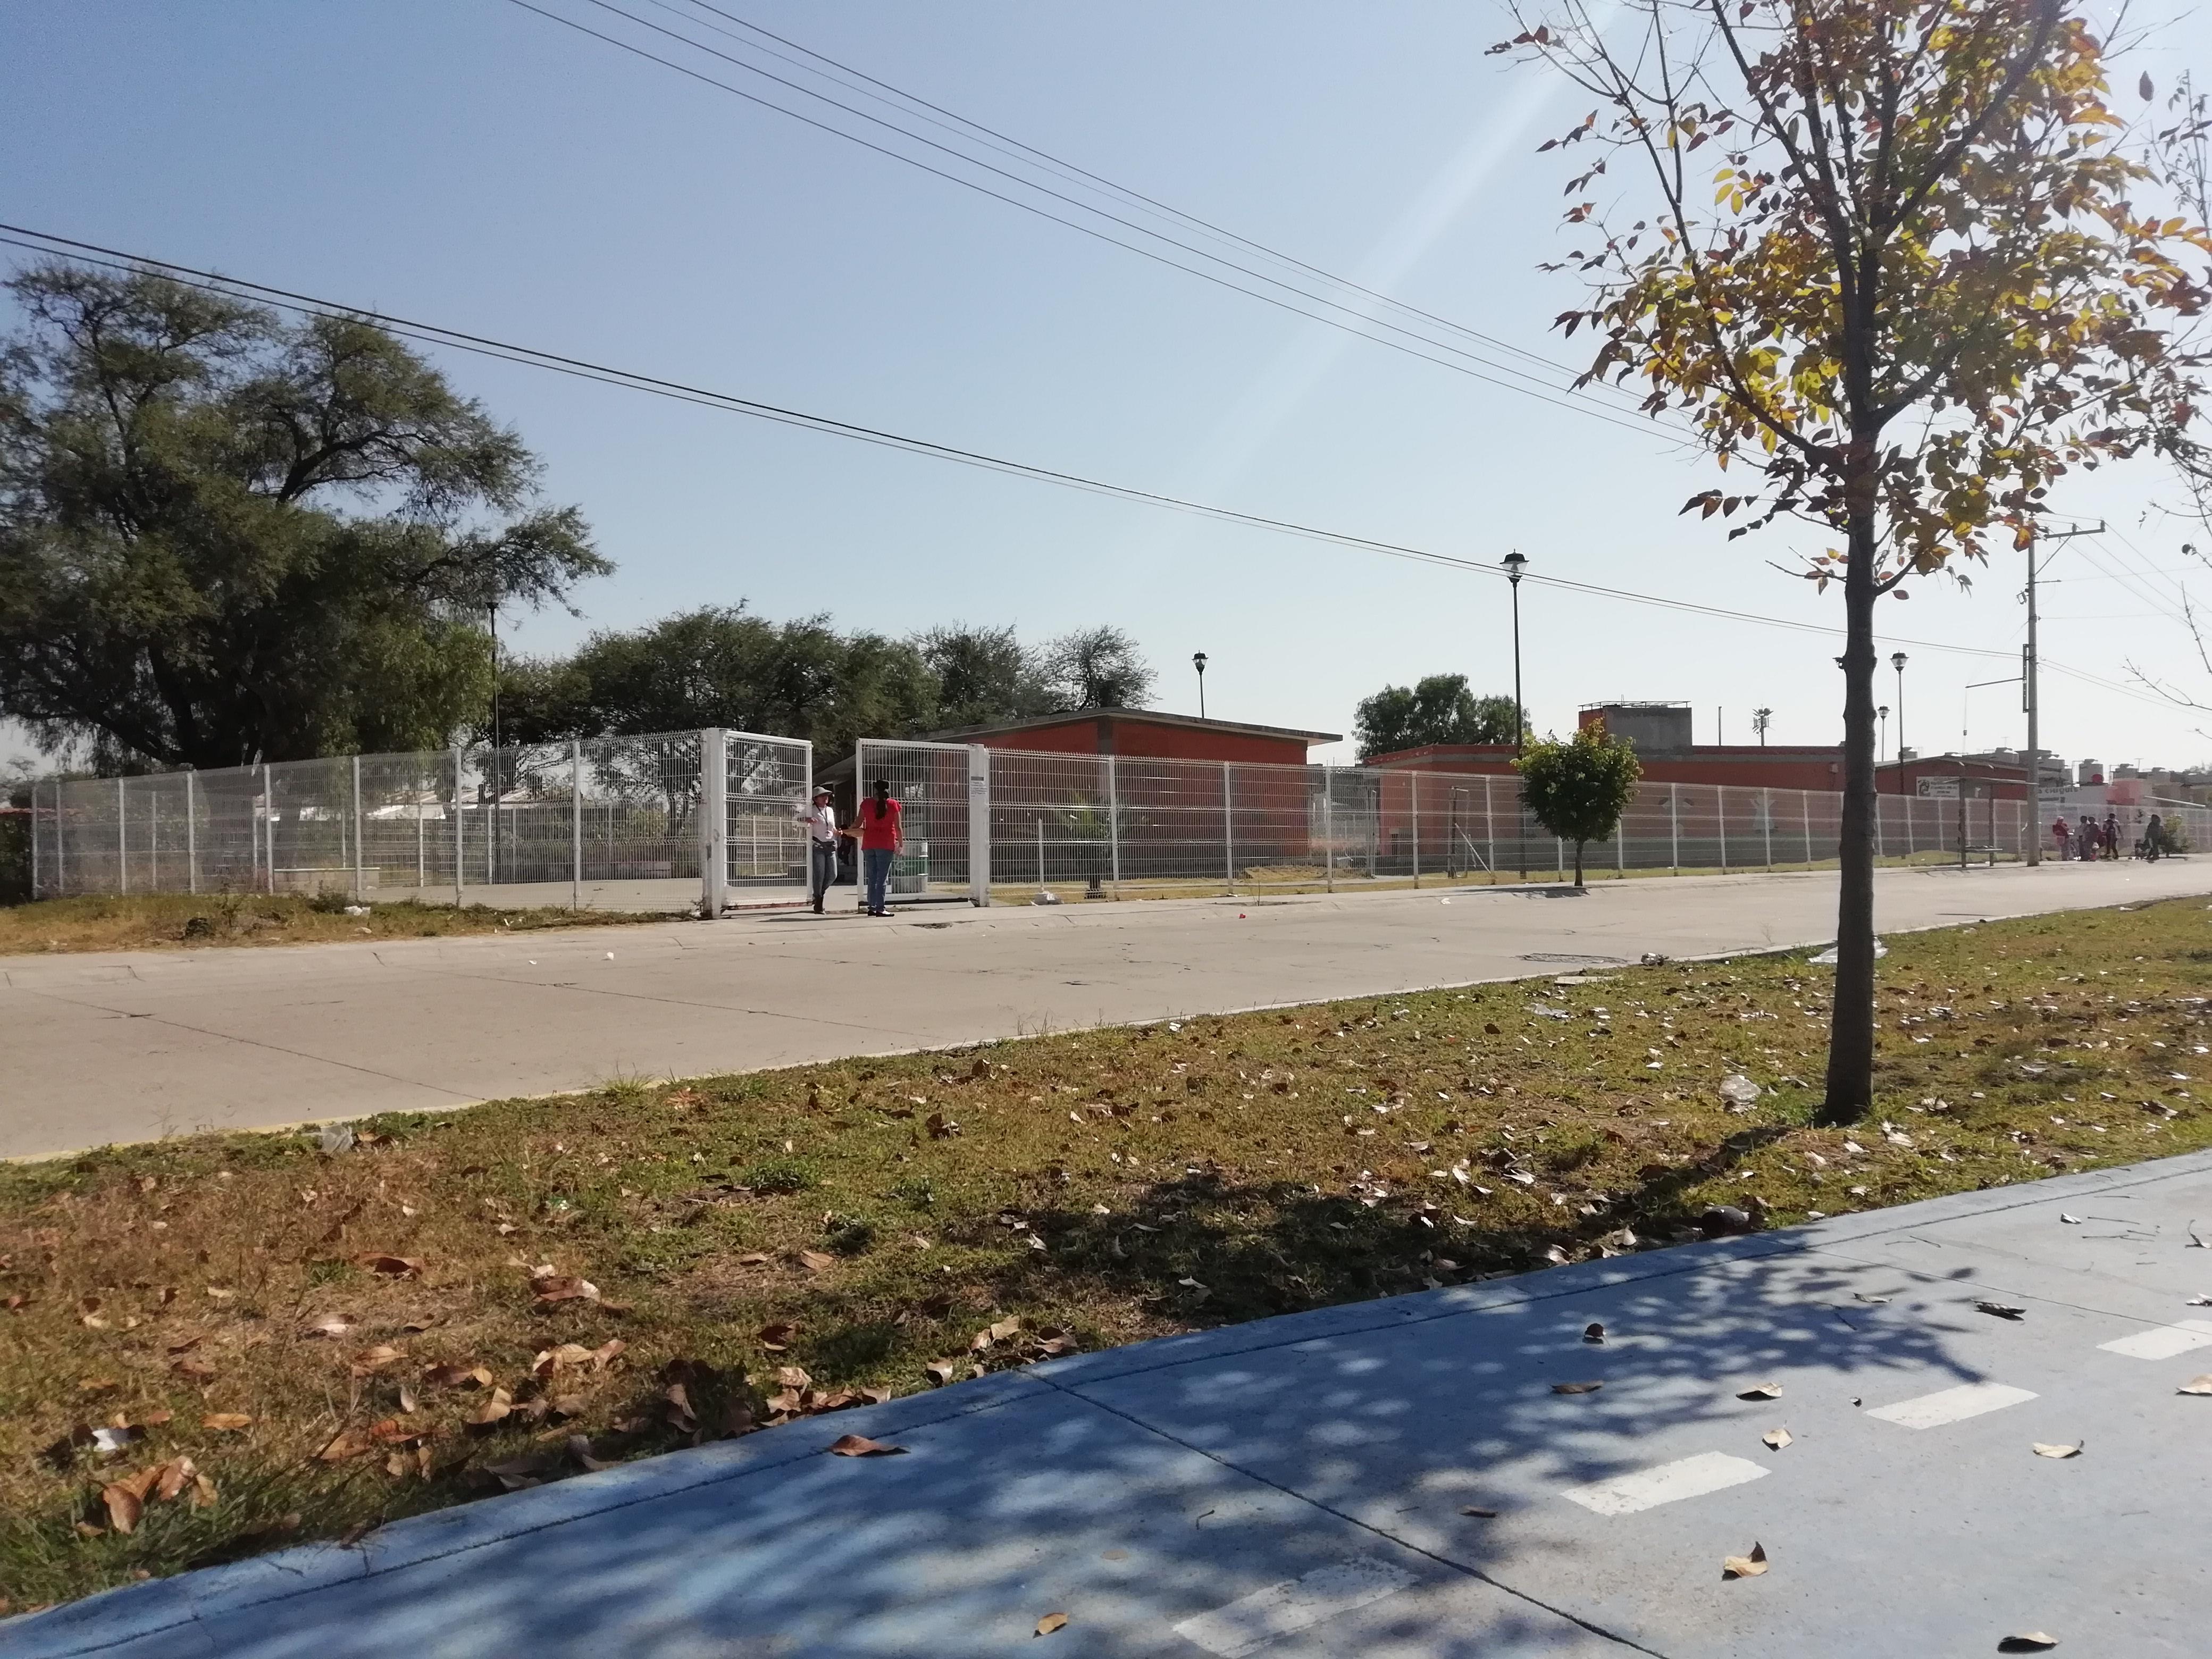 Escuela primaria - Barlovento